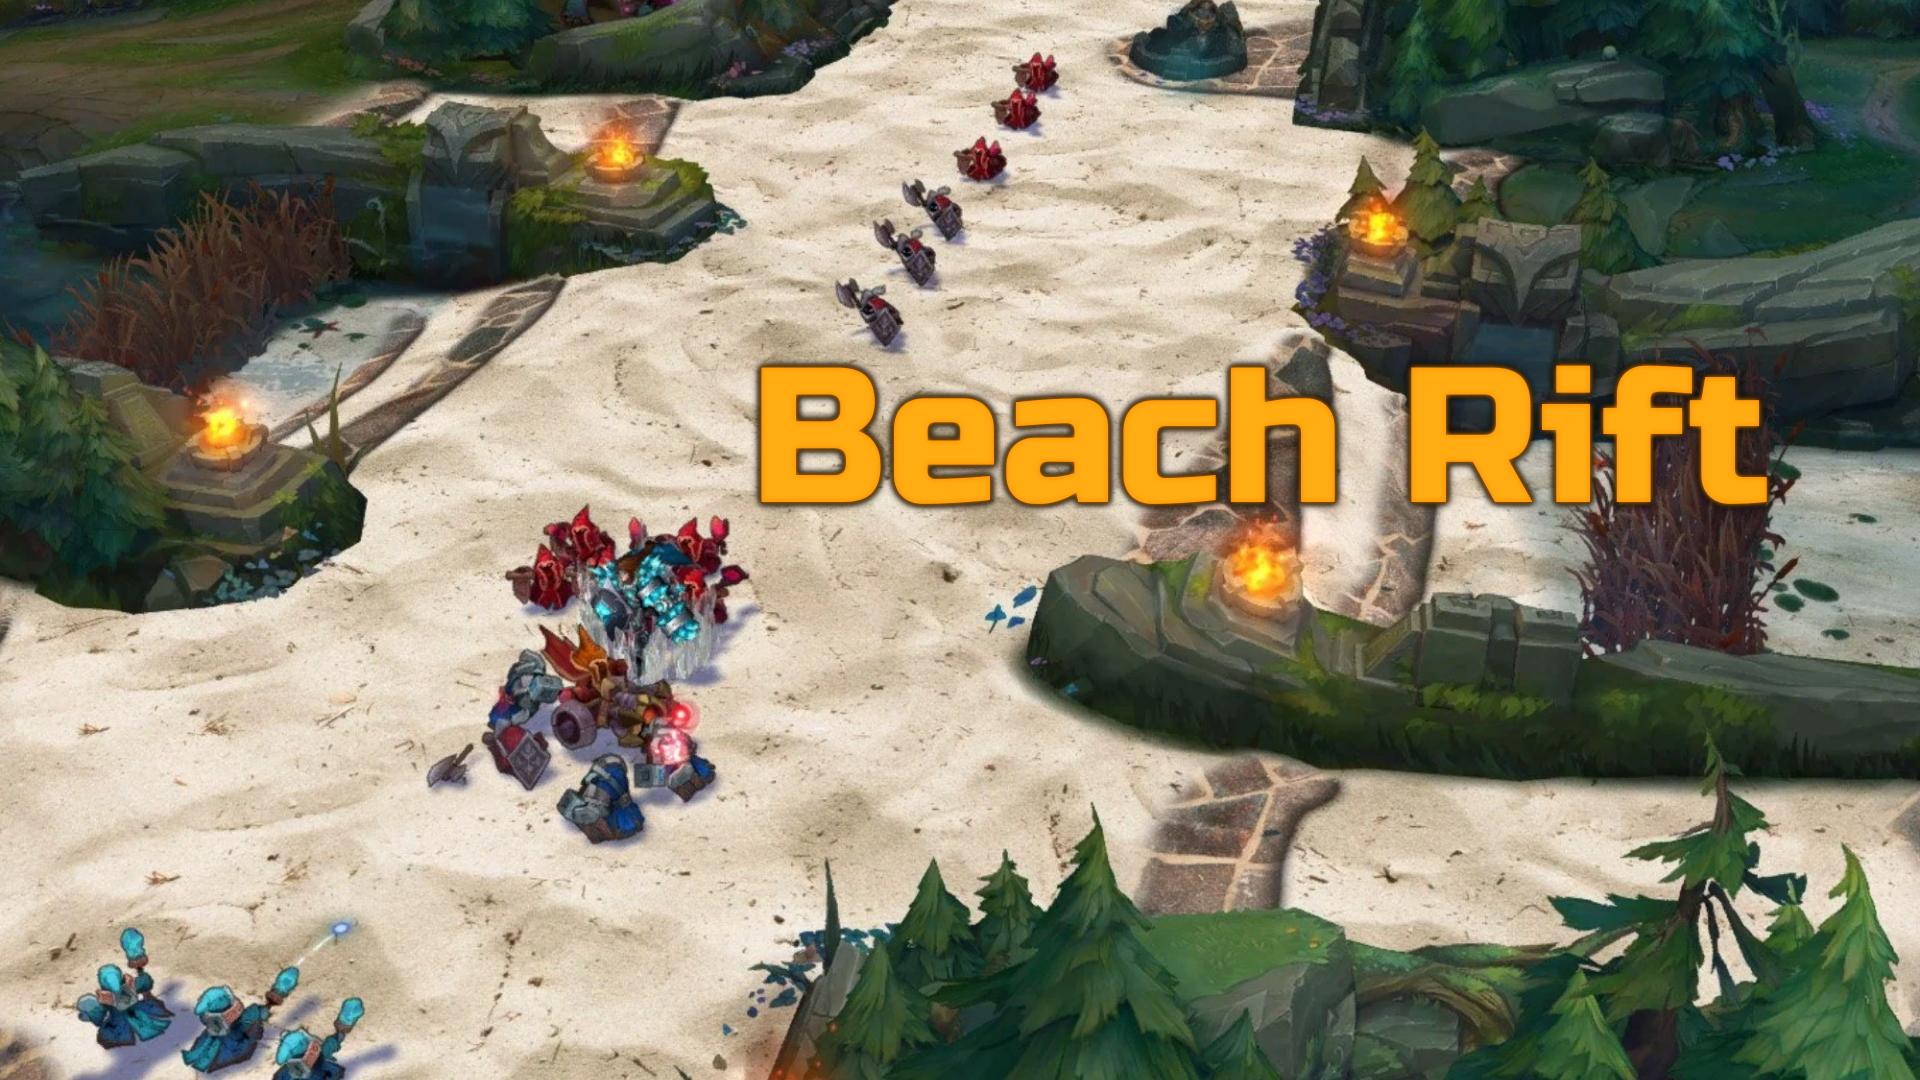 Beach Rift